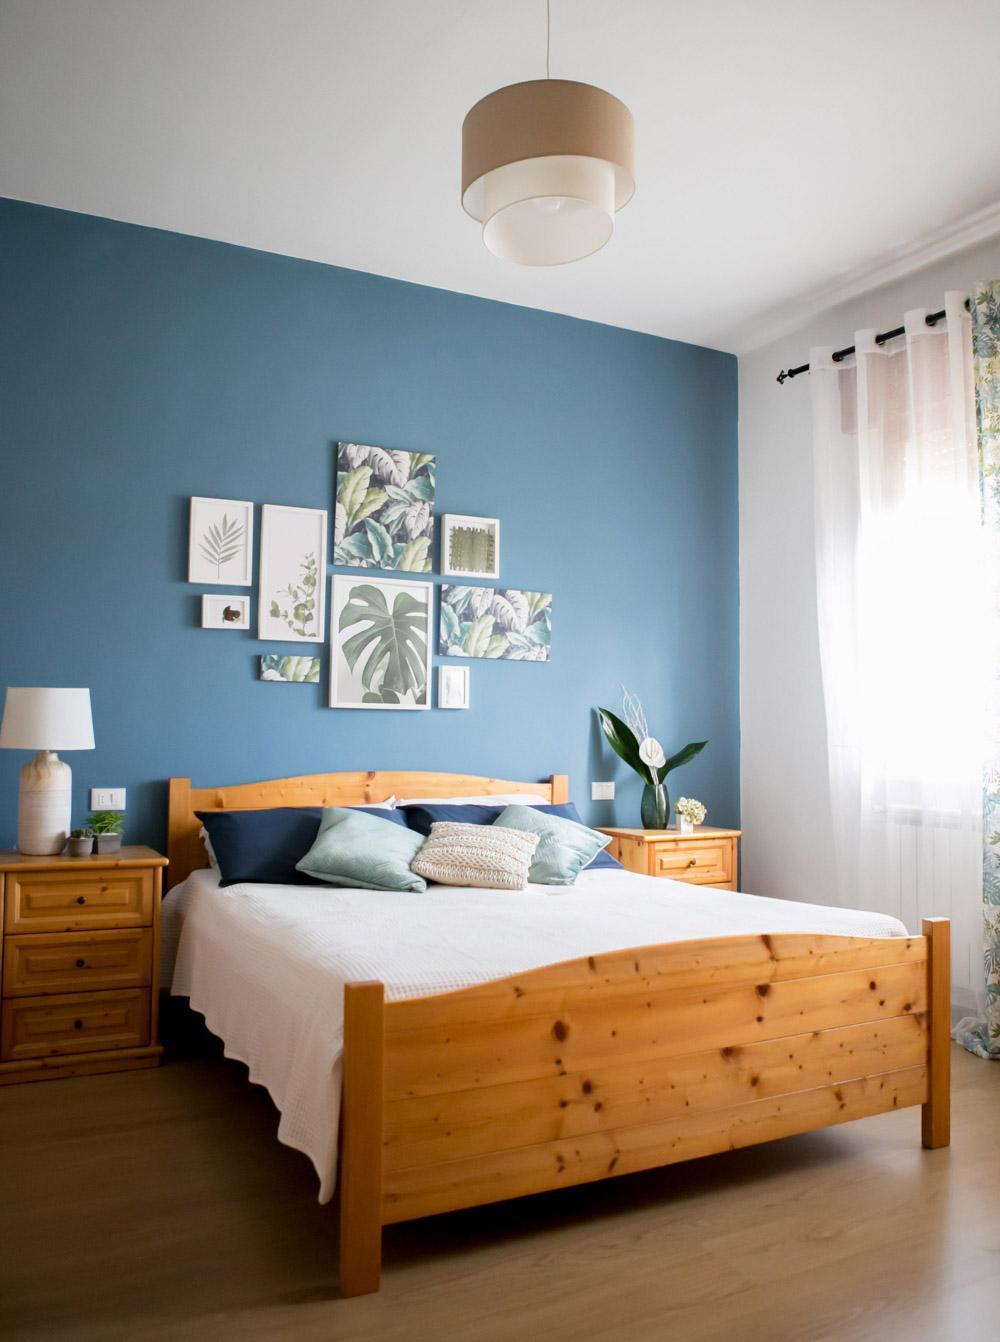 La mia camera da letto blu pane amore e creativit - La mia camera da letto ...